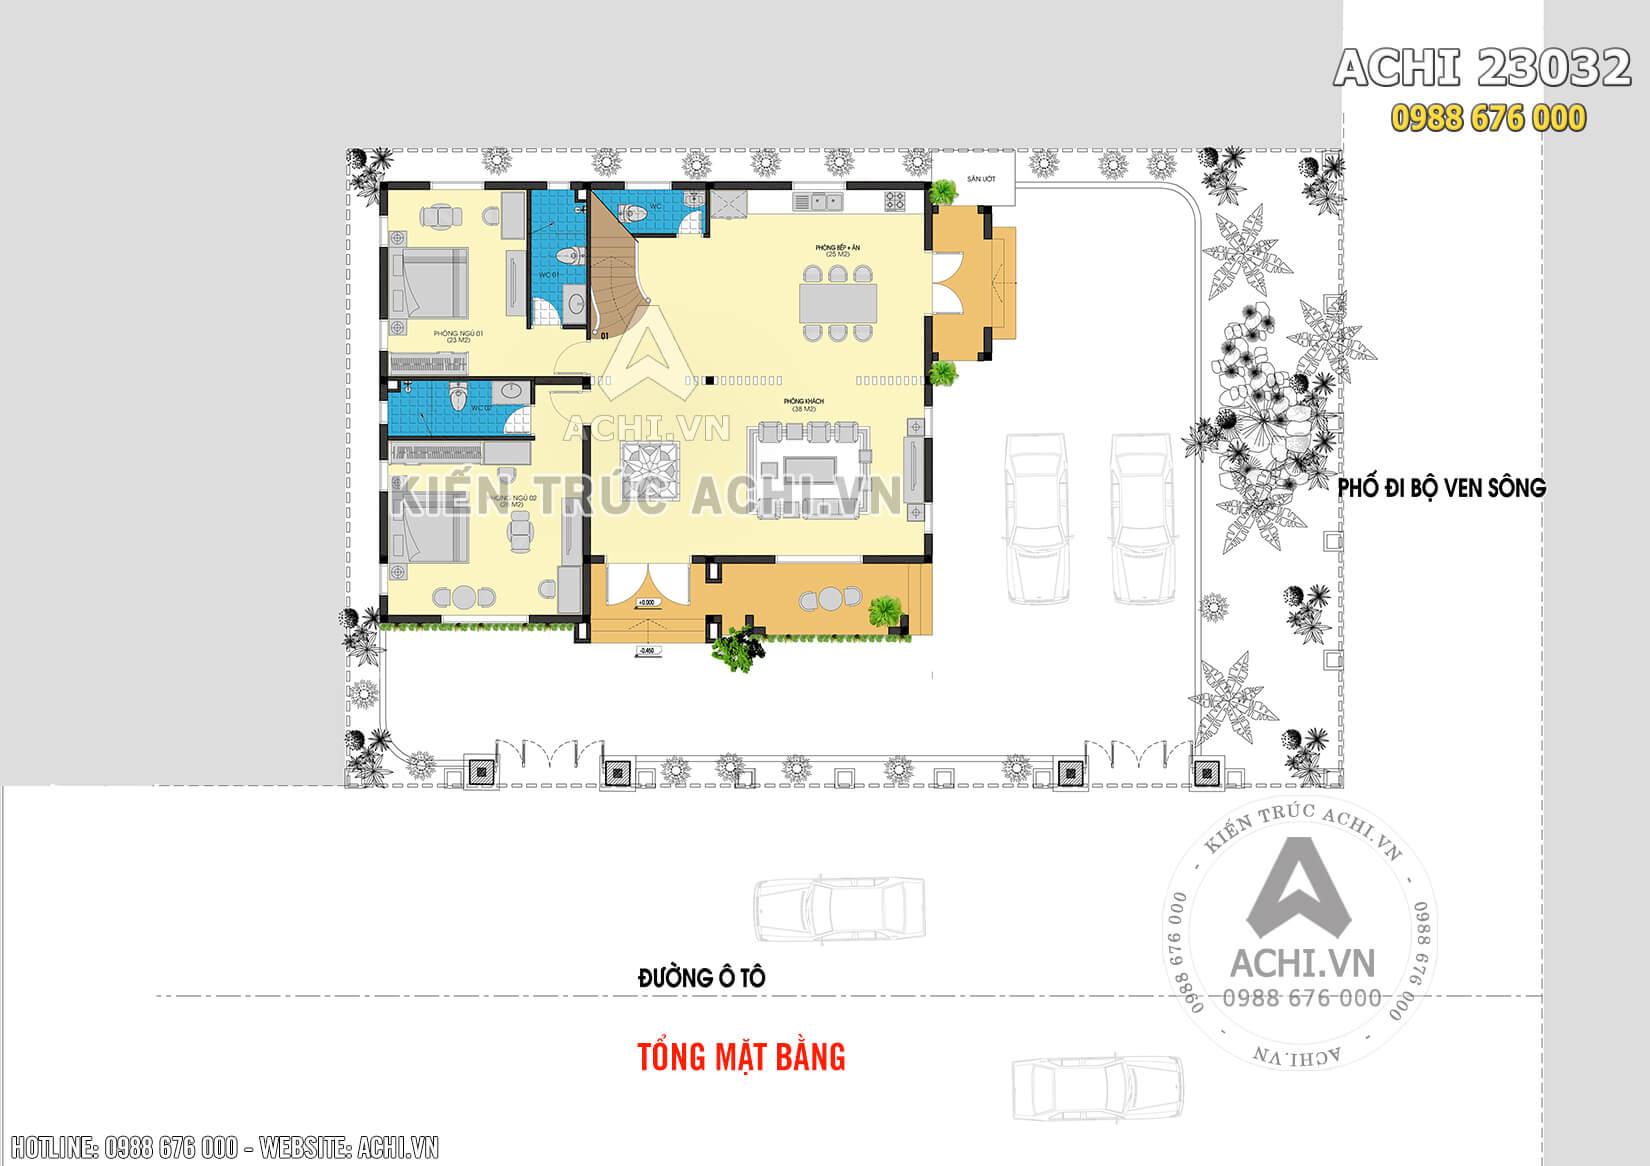 Hình ảnh: Mặt bằng tầng 1 mẫu biệt thự nhà vườn 2 tầng mái thái– Mã số: ACHI 23032